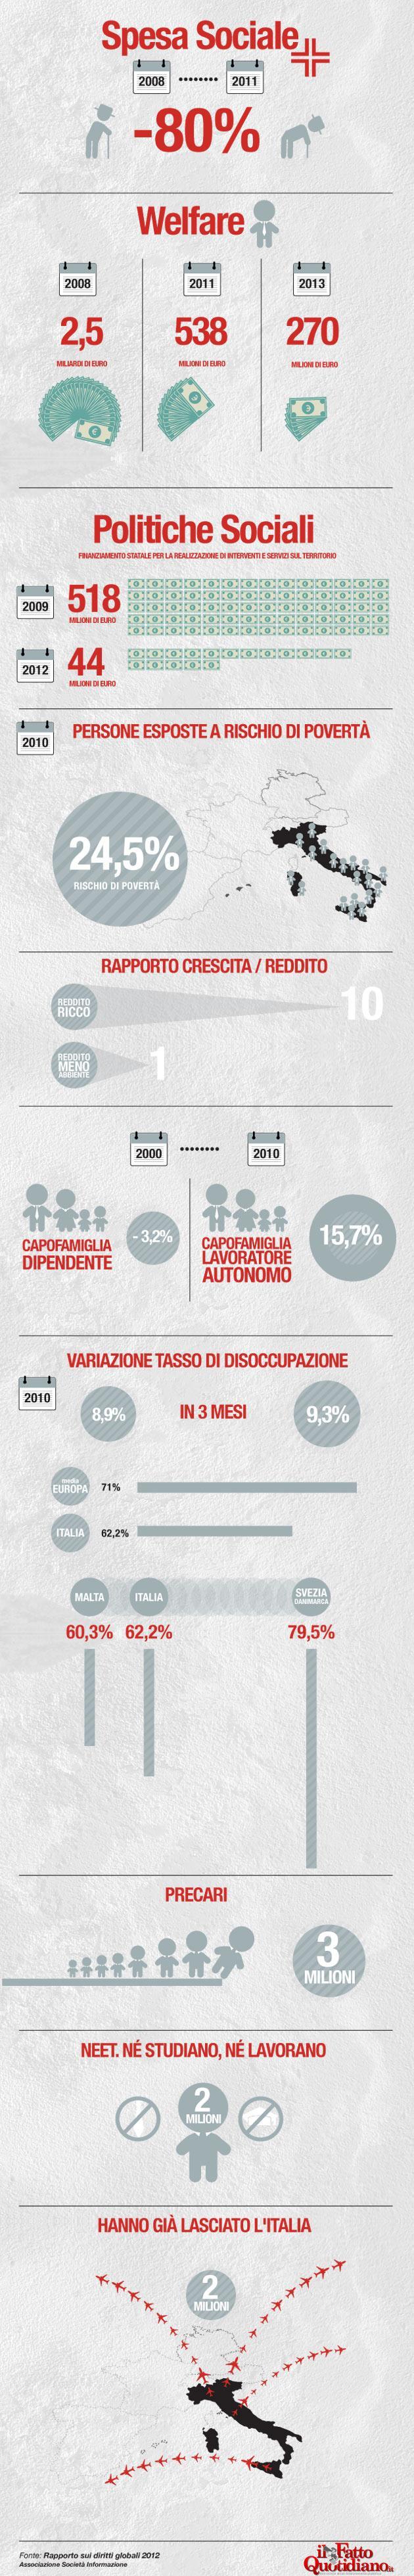 Tagli e disuguaglianze: l'infografica con tutti i numeri della crisi italiana